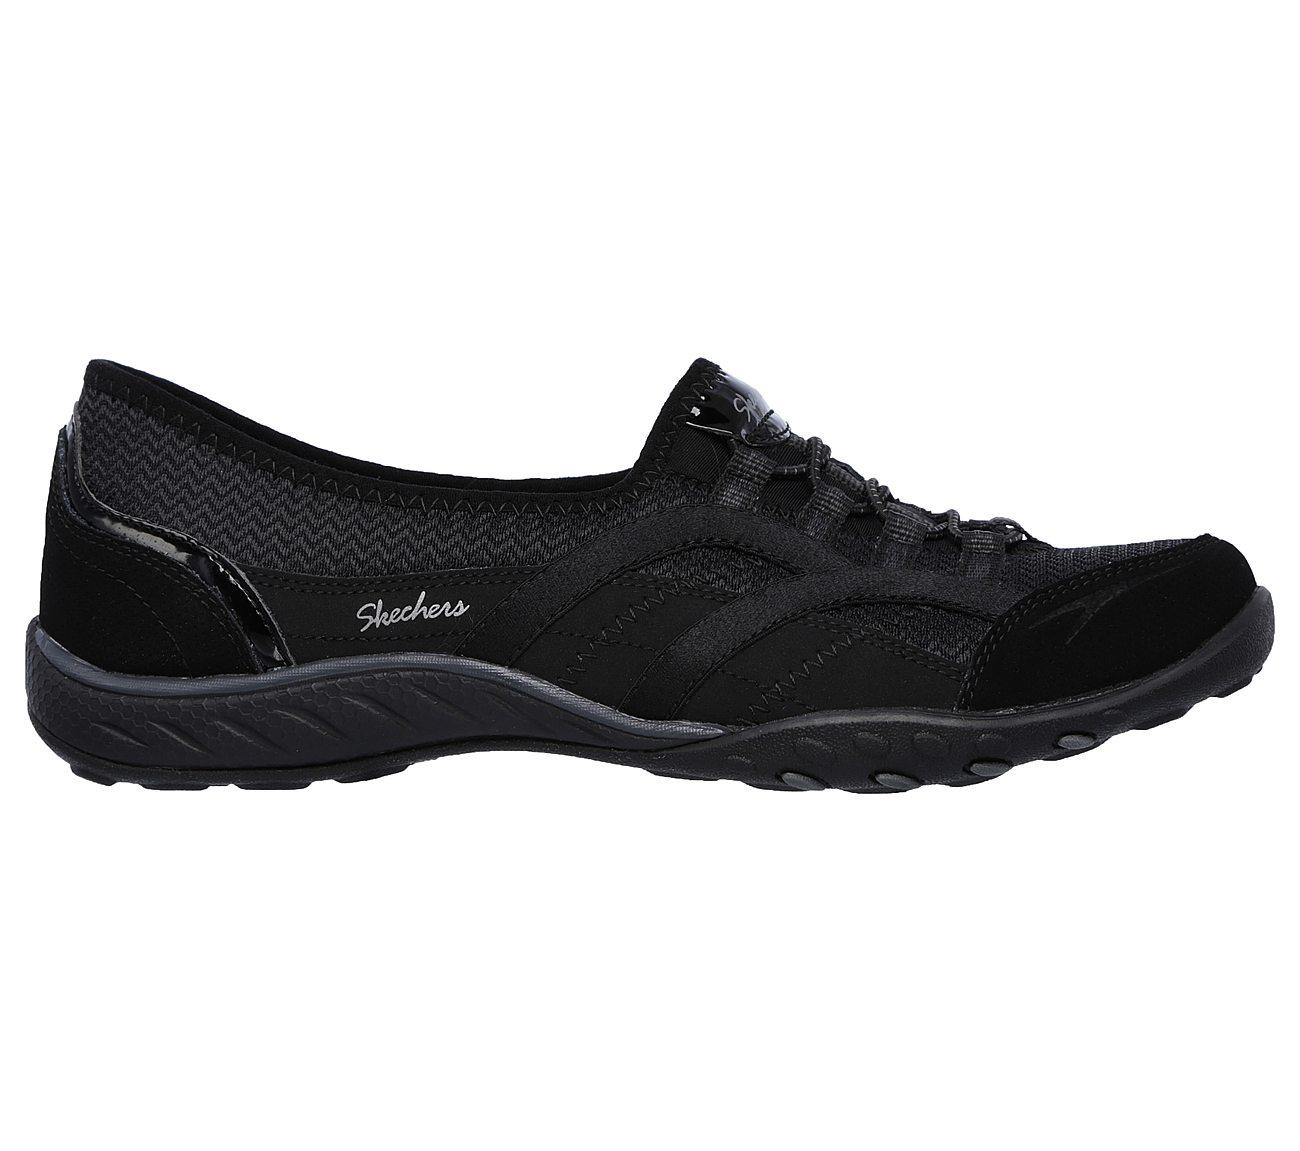 Skechers Womens Relaxed Fit Breathe Easy Faithful Slip-On SneakerBlackUS 8 M